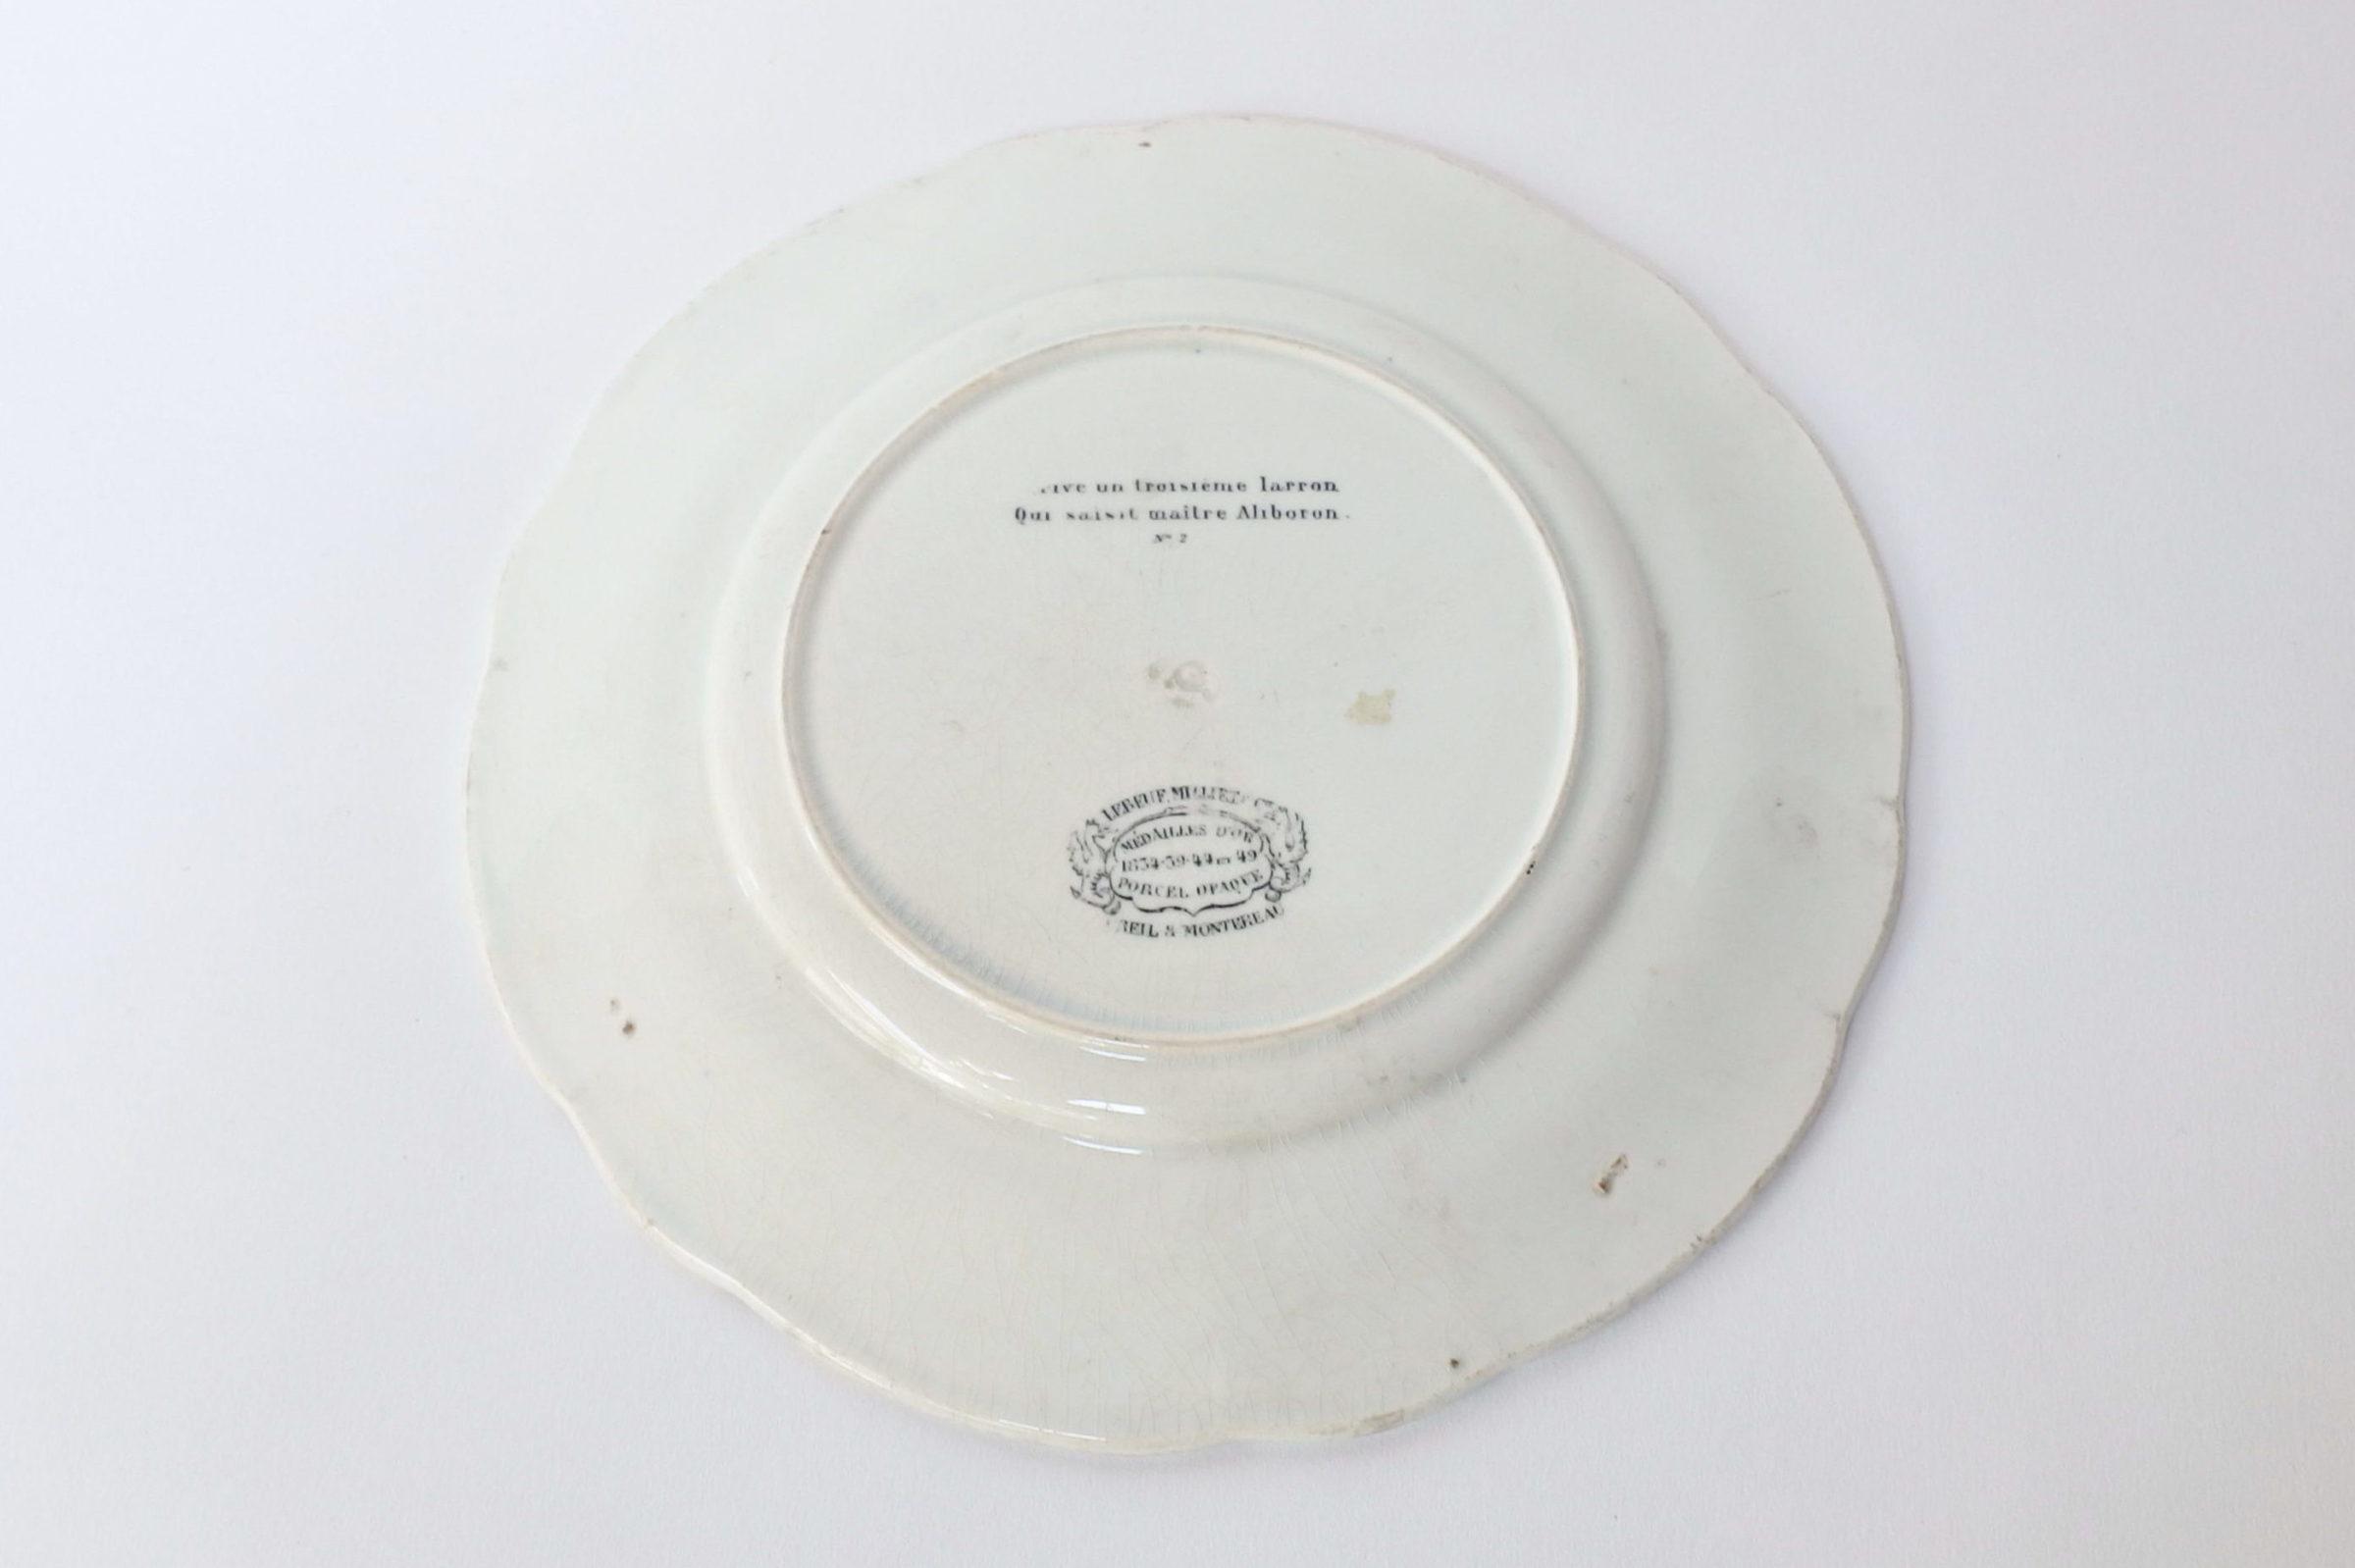 Piatto in ceramica monocromatico nero decorato con rebus - decoro n° 2 - 2